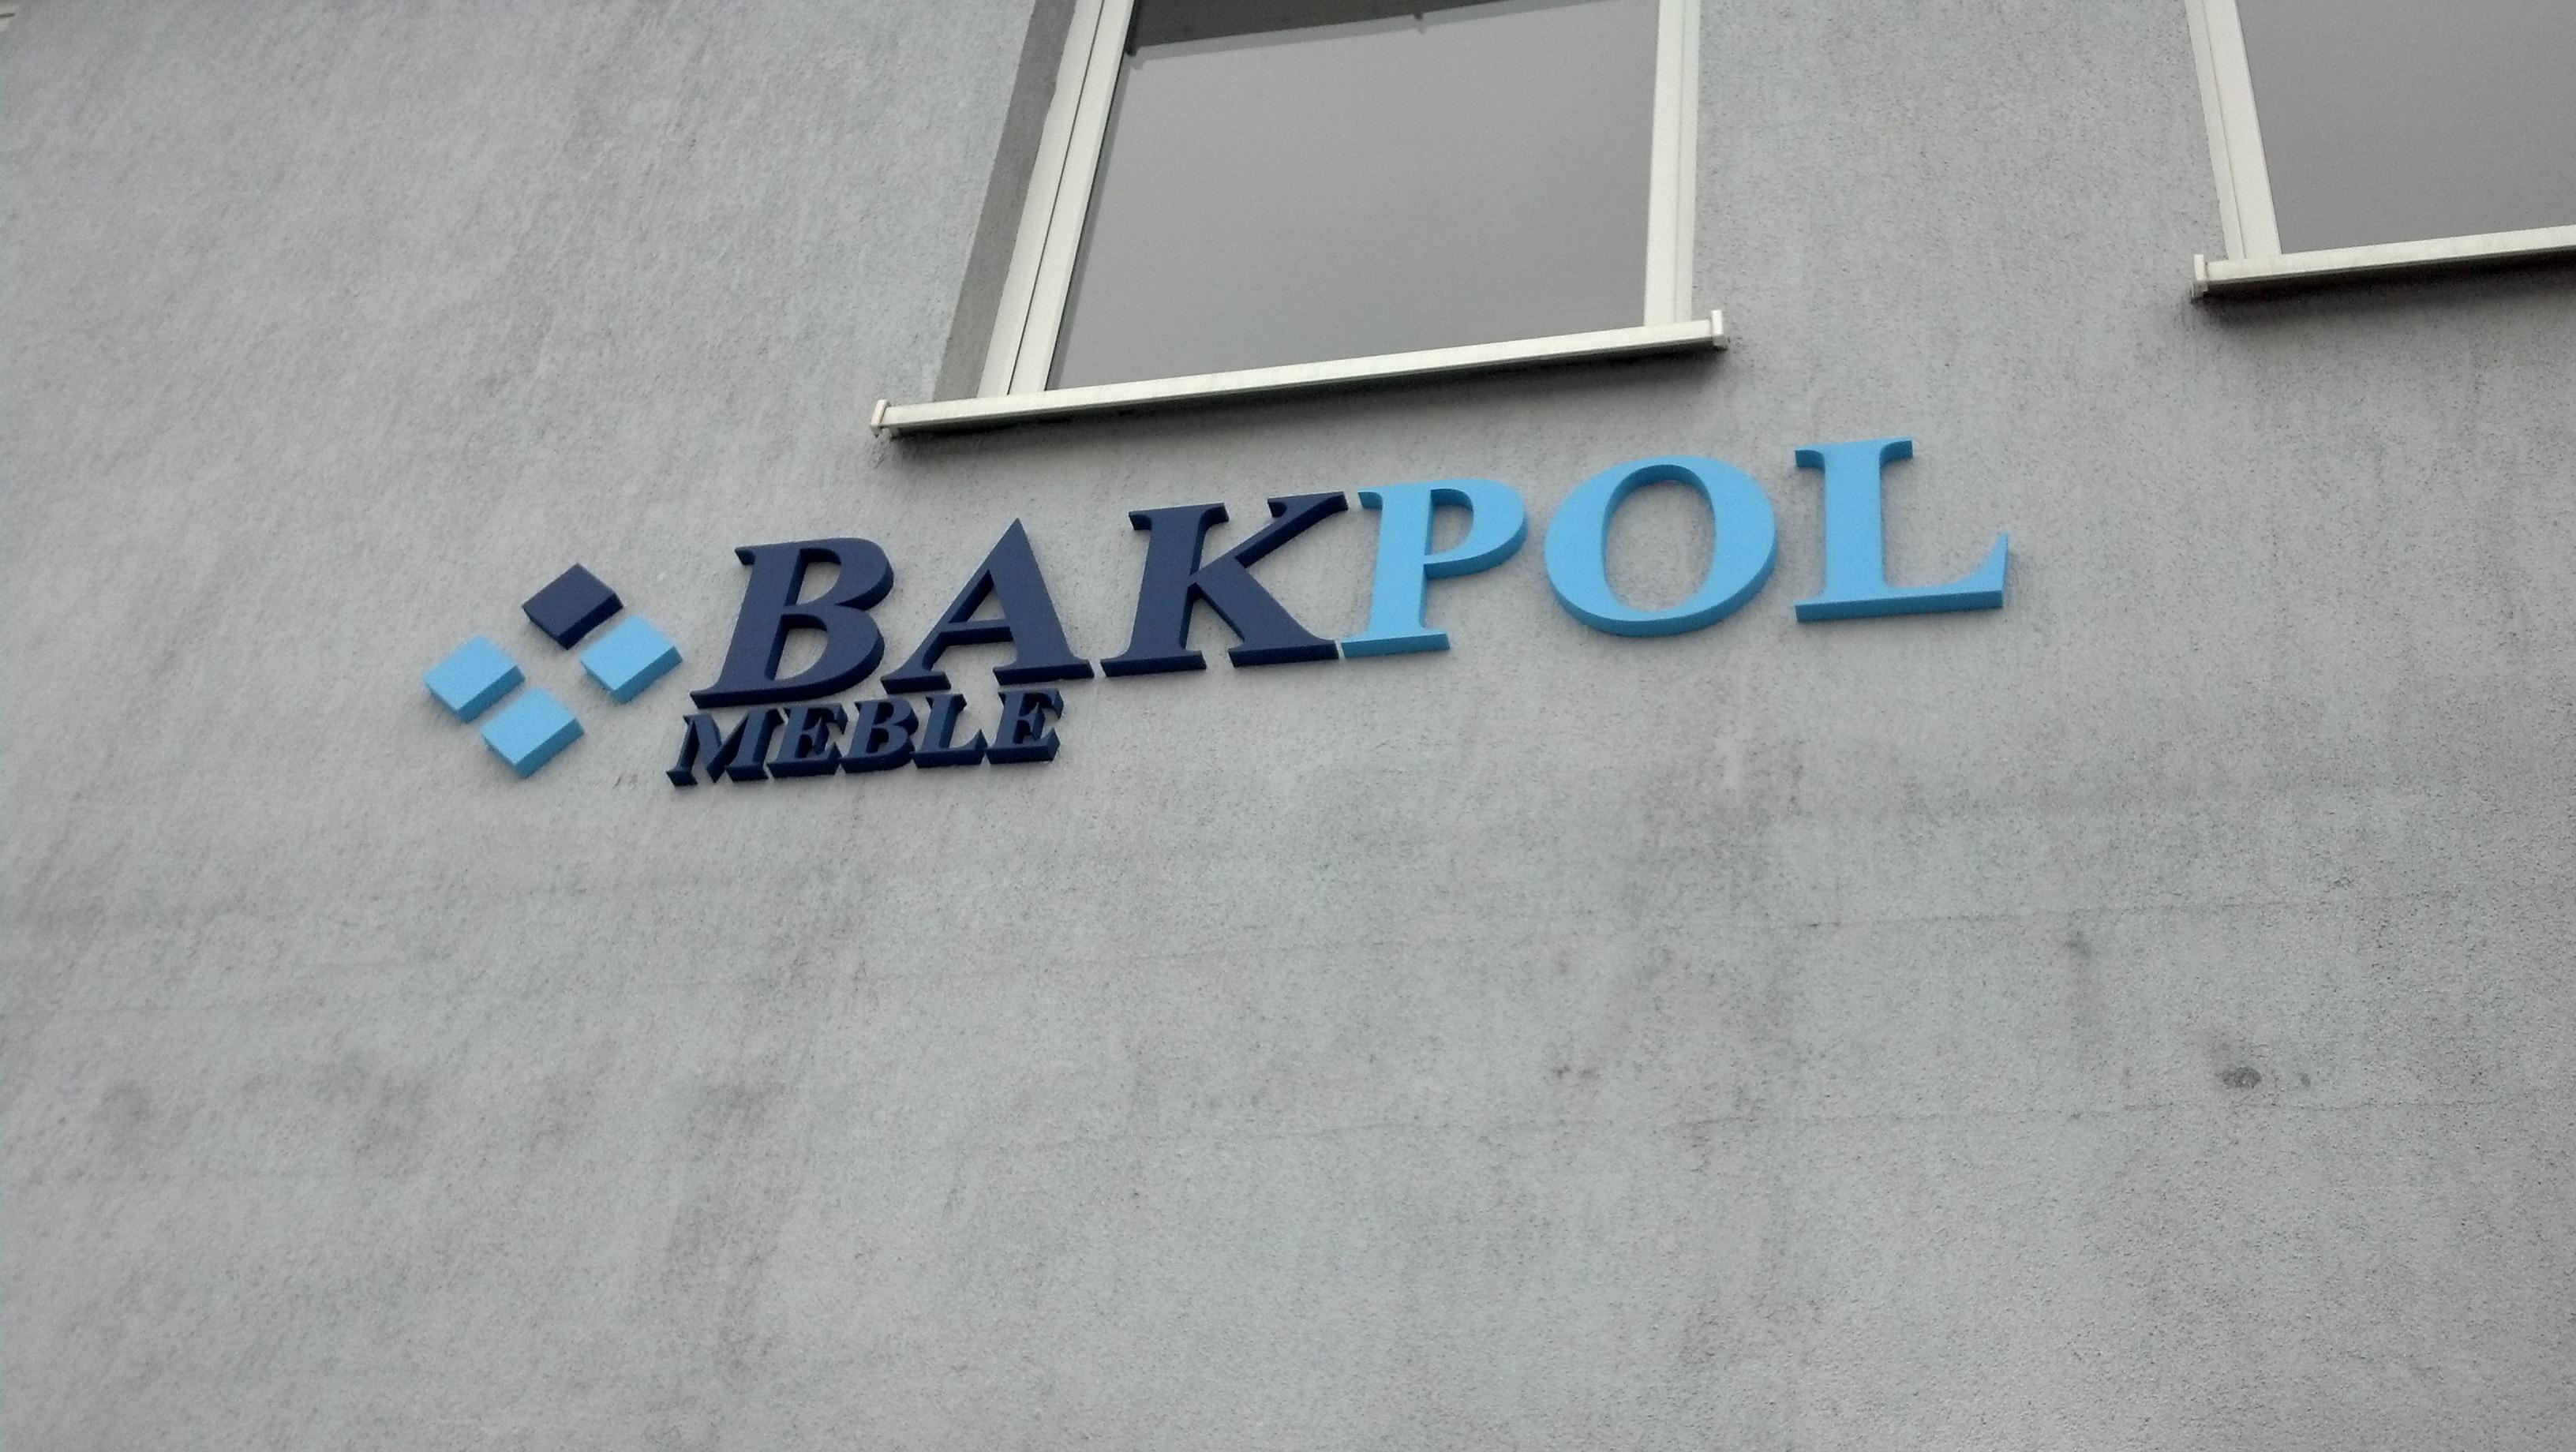 Logo Bakpol meble. Styrodur malowany proszkowo. Litery 3D mocowane do elewacji.